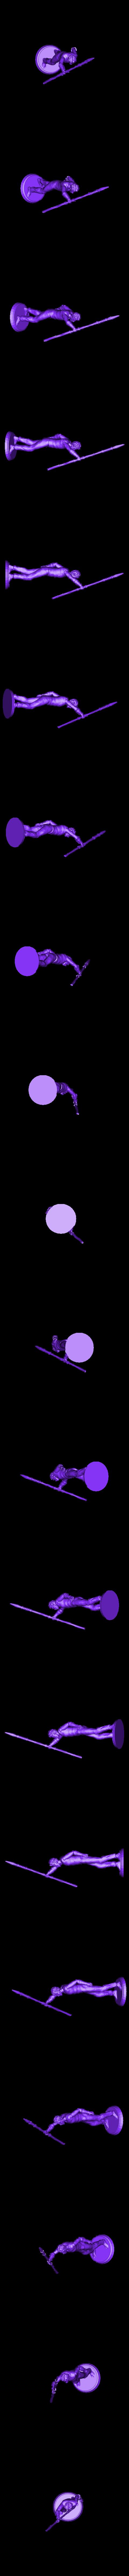 hoist_spear.stl Télécharger fichier STL gratuit Shepherd Spearman • Plan imprimable en 3D, stockto